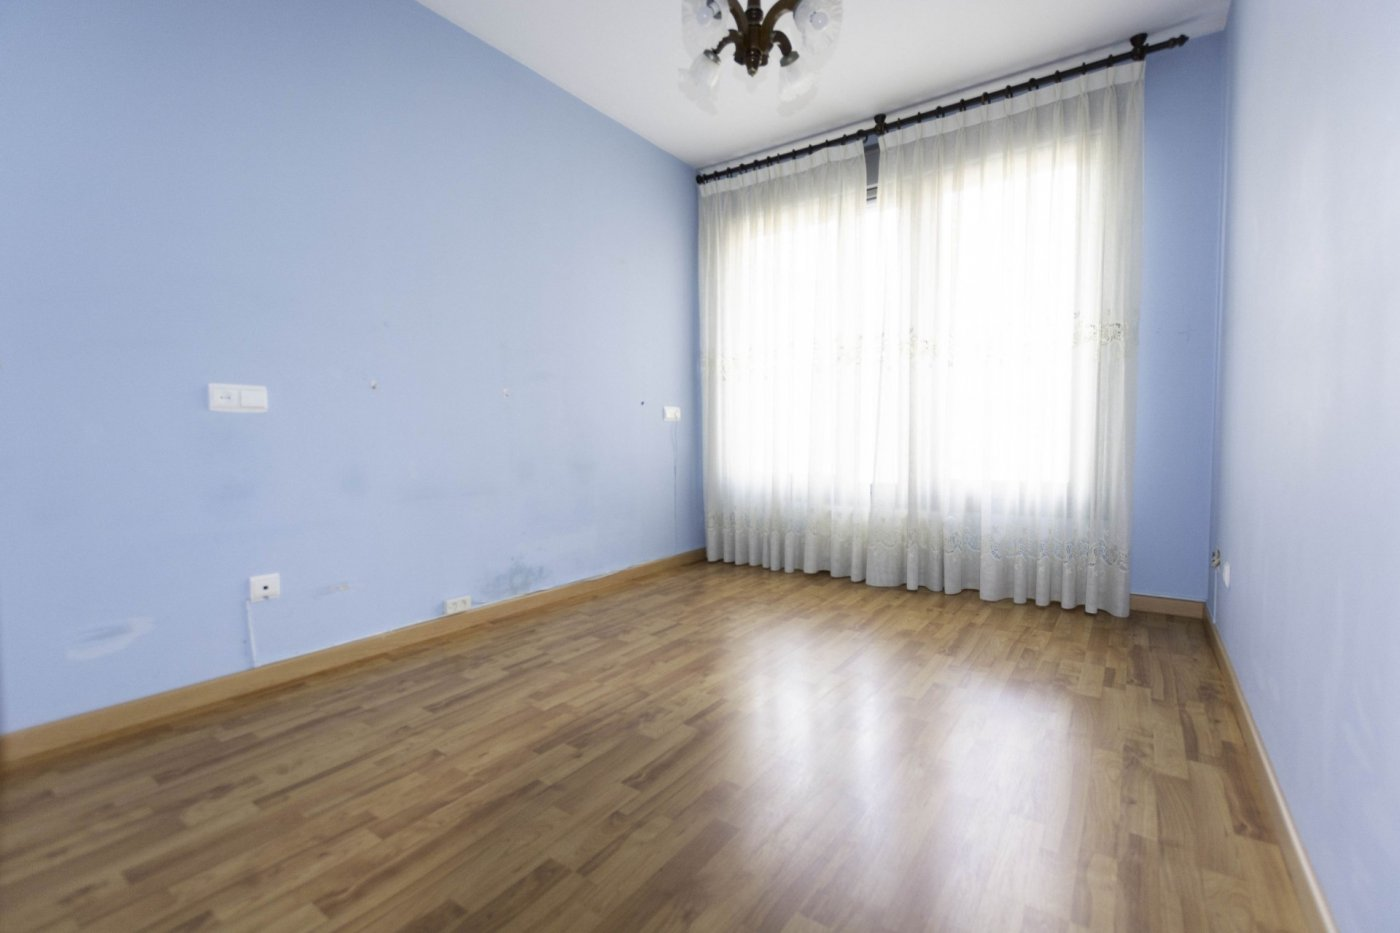 Venta de piso en oviedo - imagenInmueble30